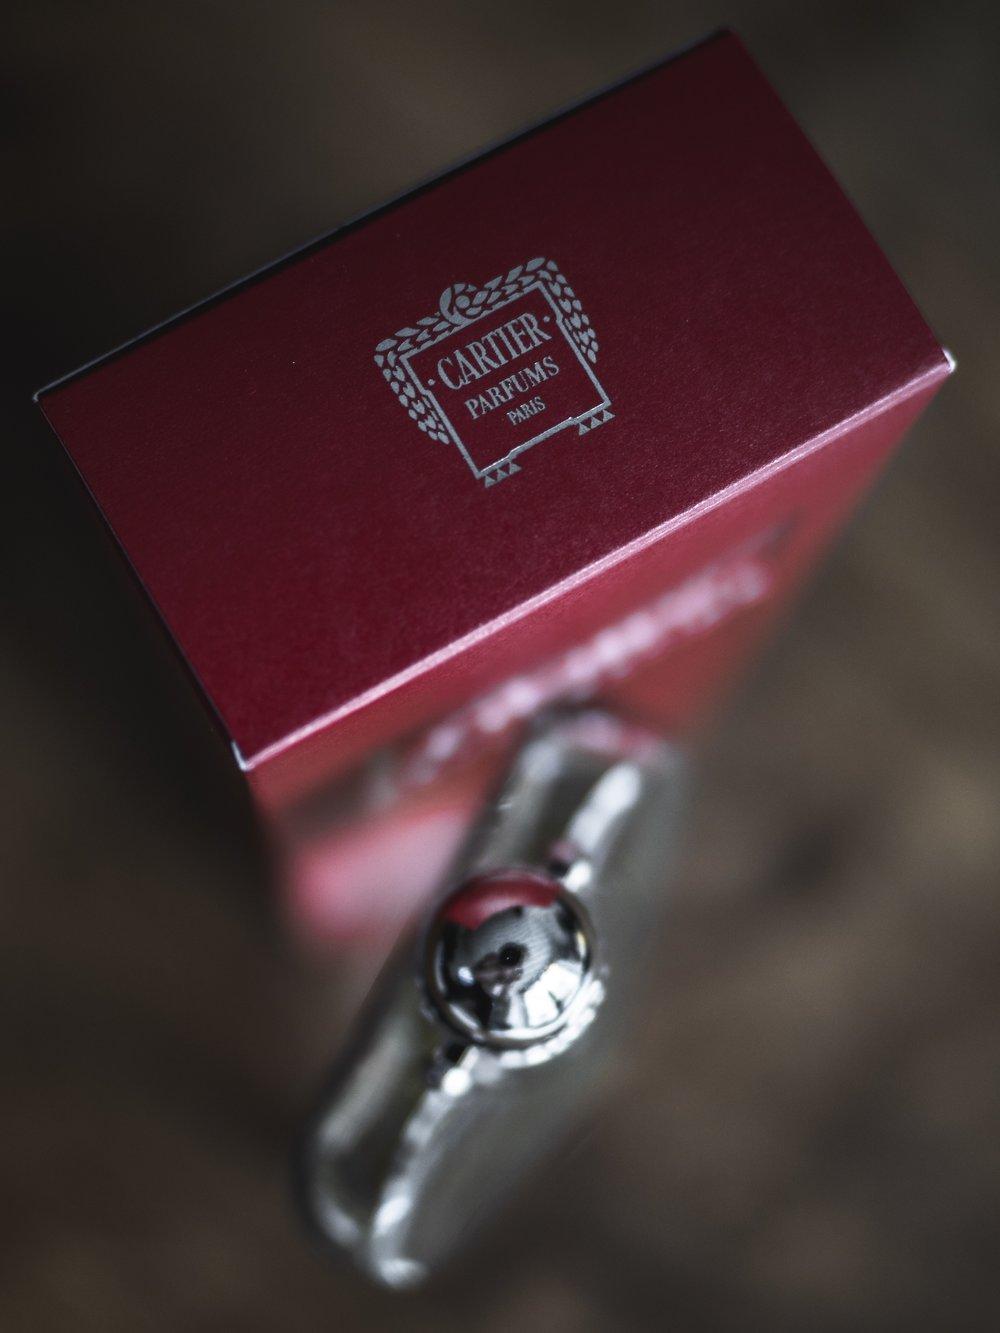 Cartier Declaration pour homme fragrance review Déclaration Logo Seal Presentation